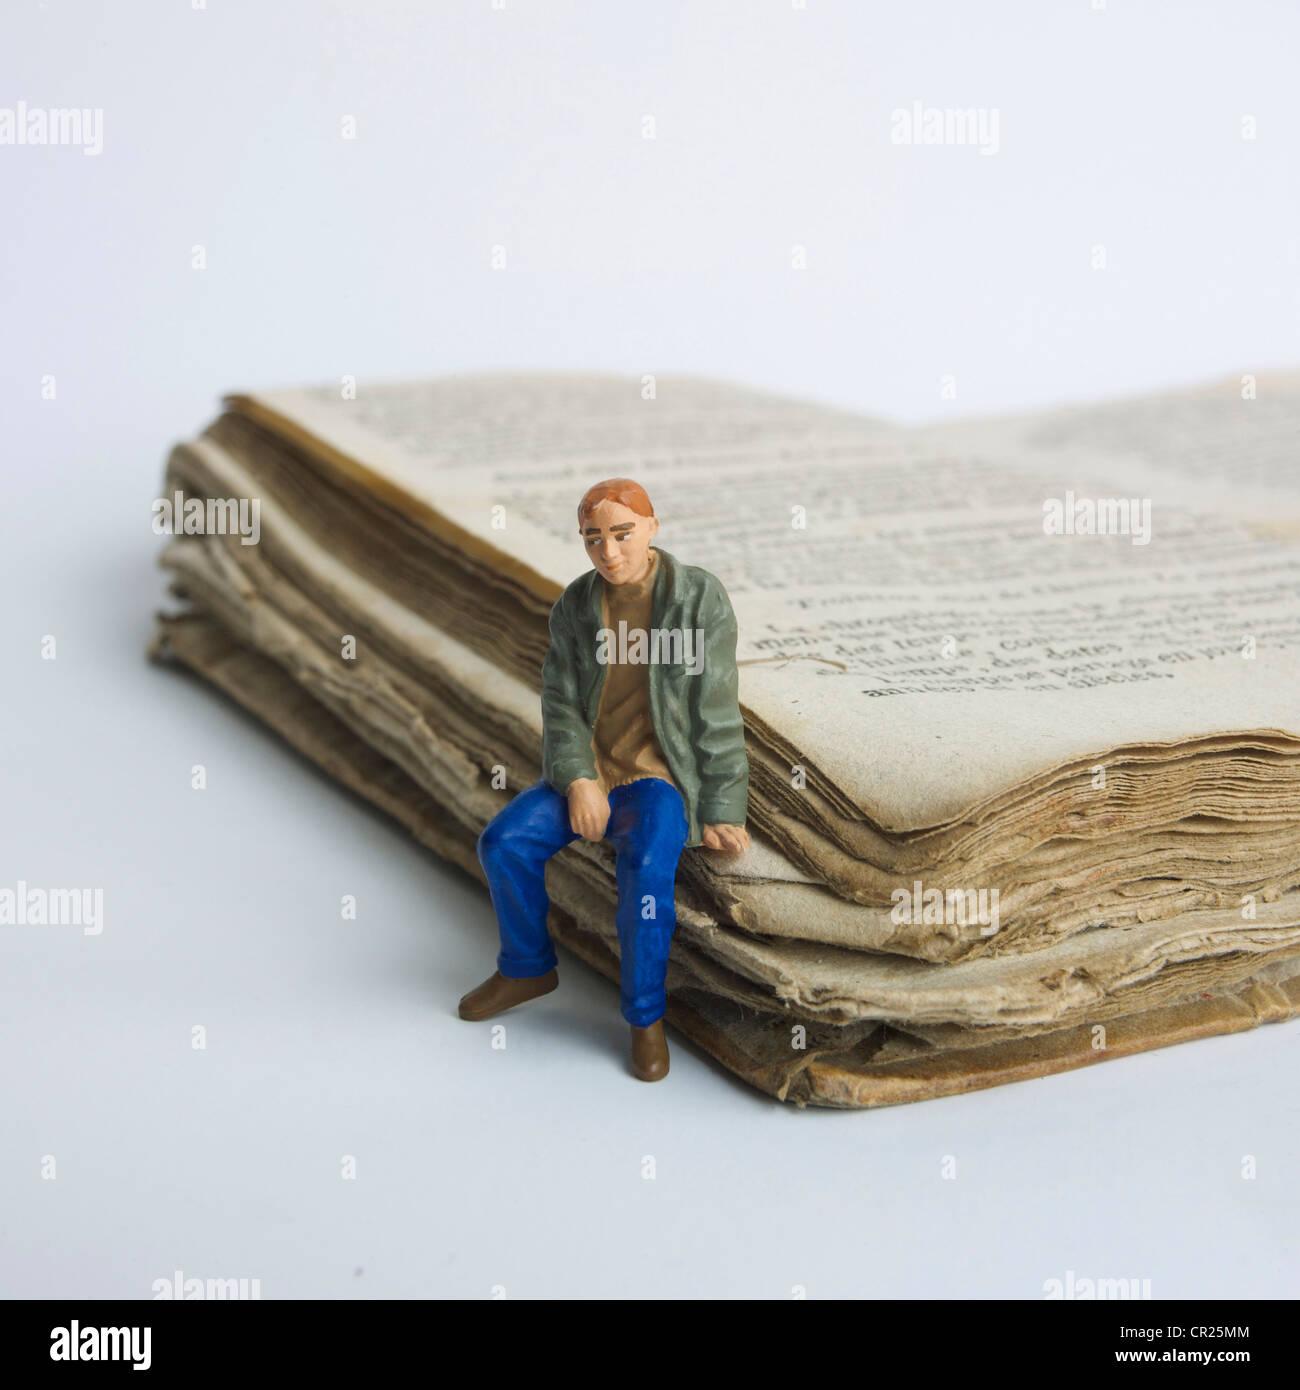 Junger Mann / Student Miniatur Figur, sitzt auf einem alten Buch - Universität / Ausbildung / Studium / Lernkonzept. Stockbild